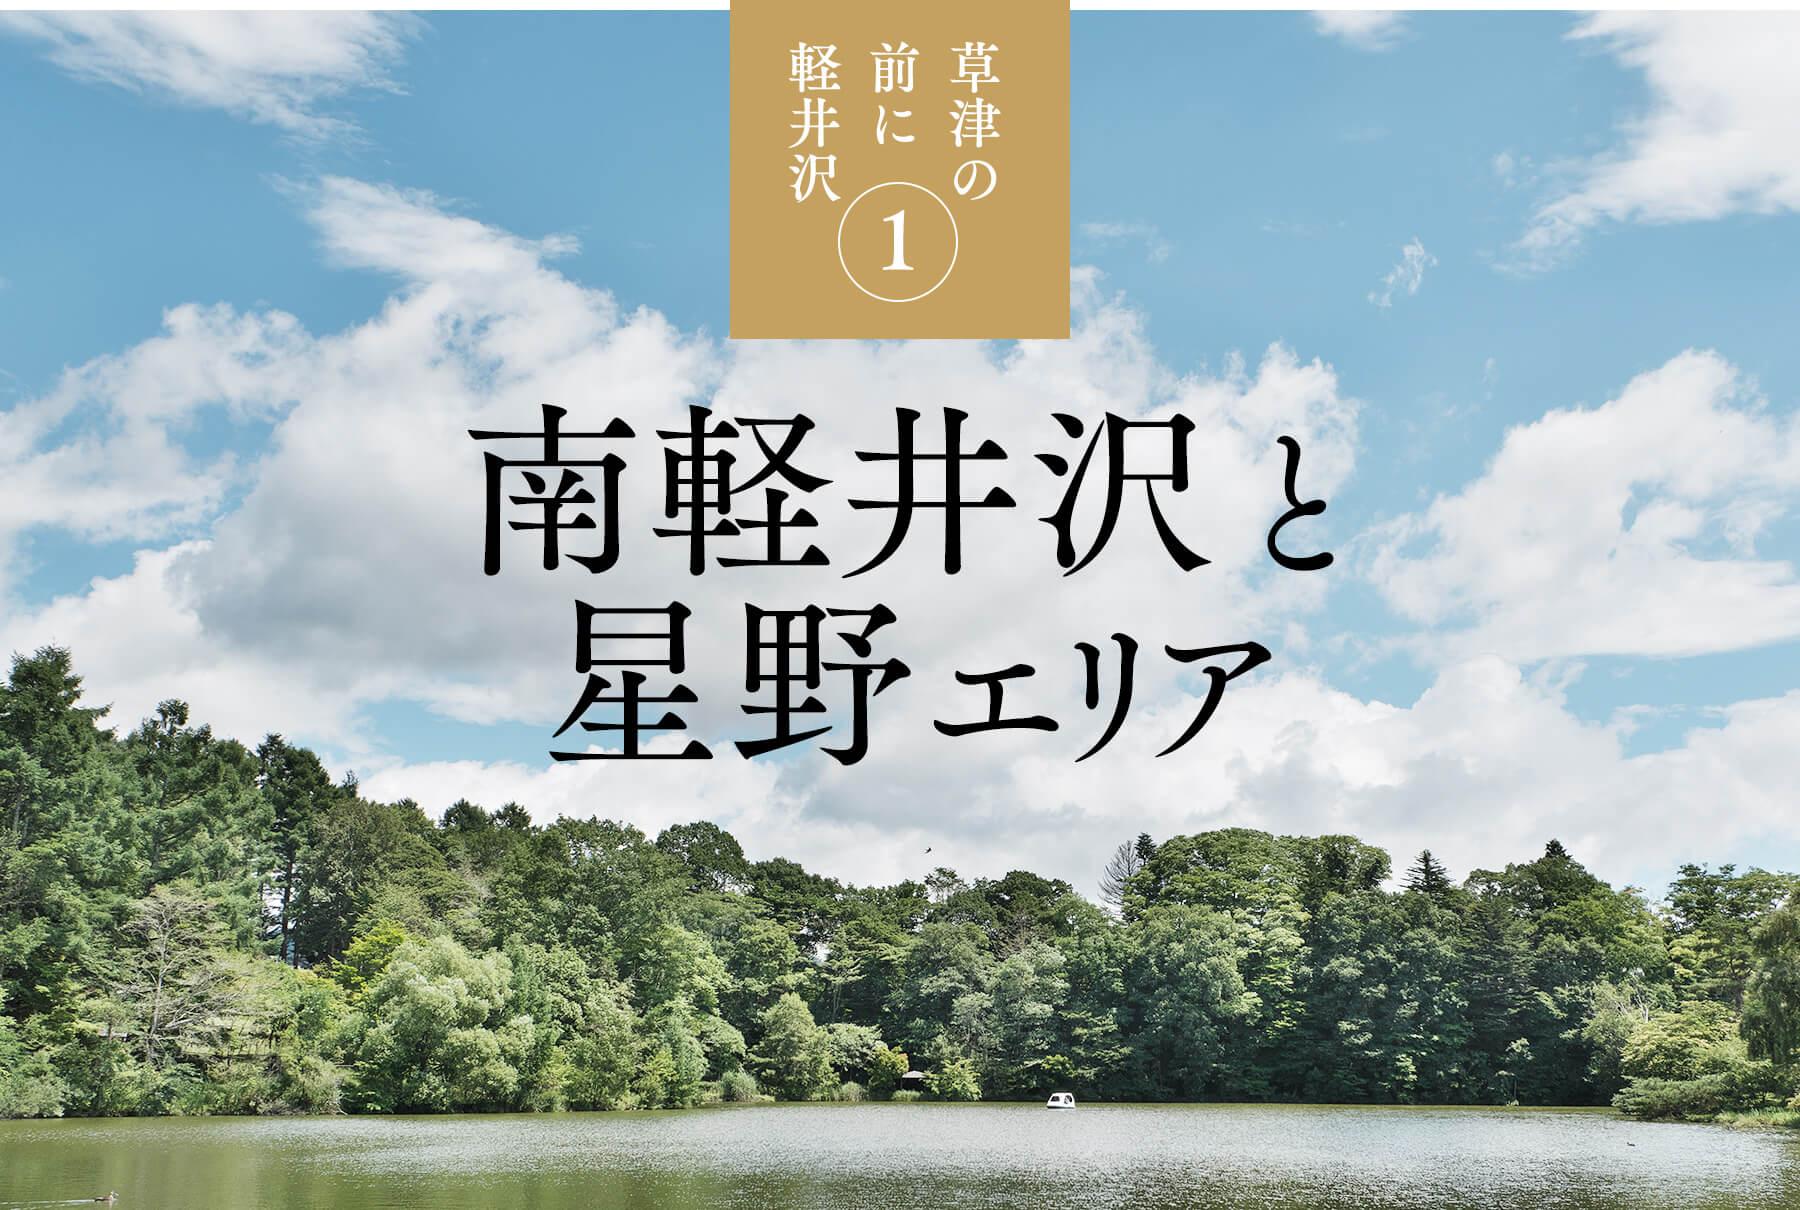 草津の前に軽井沢〈1〉南軽井沢と星野エリア